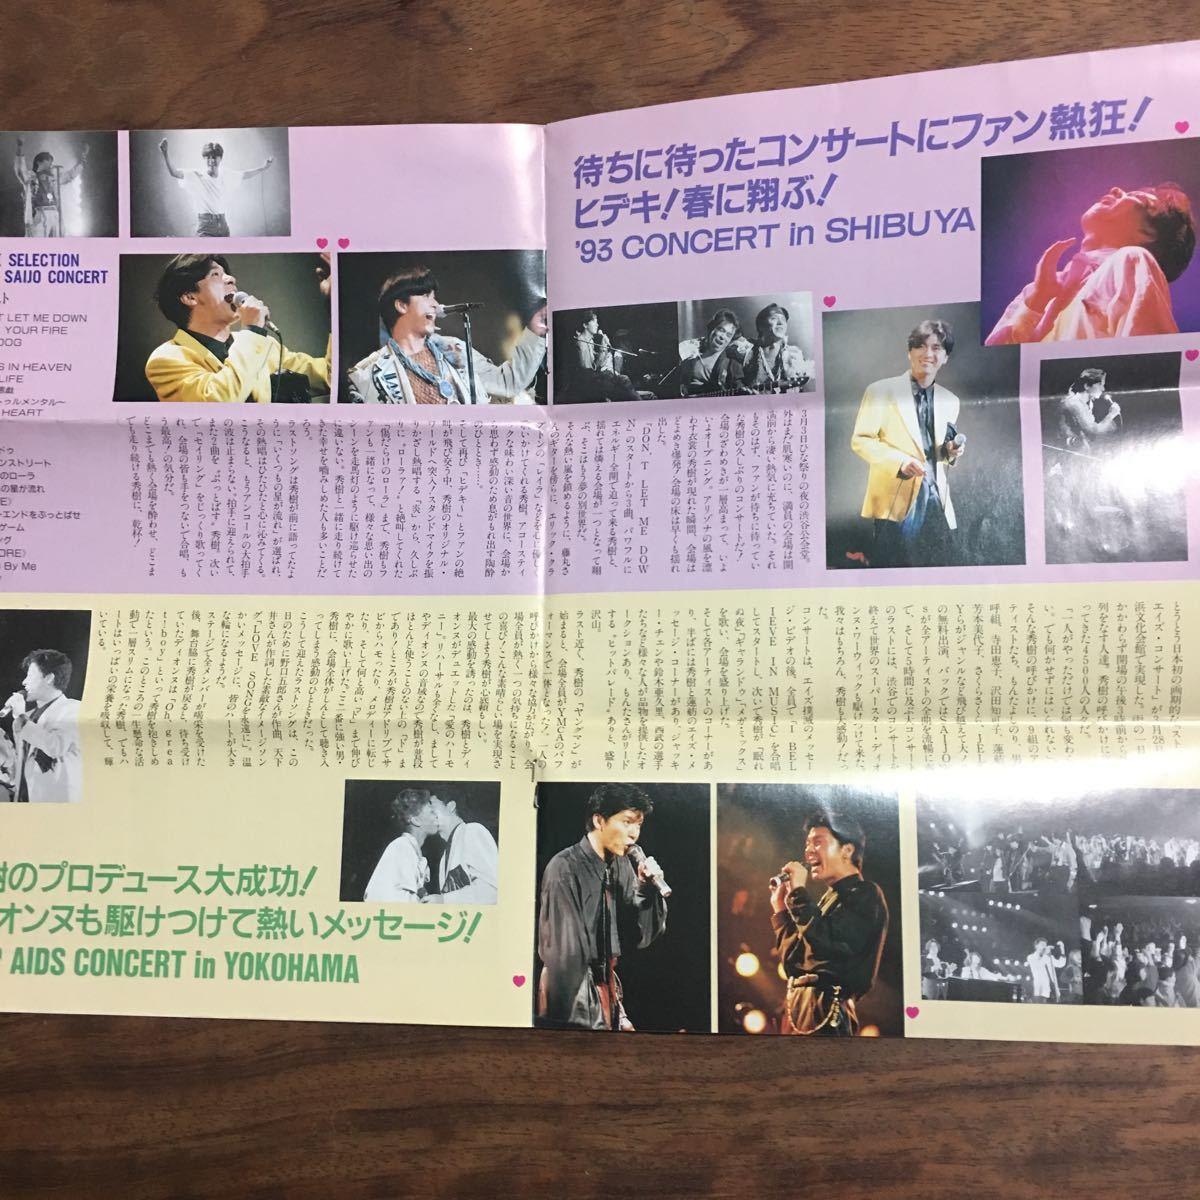 西城秀樹 ファンクラブ会報誌 DUET 1993 vol 29_画像3